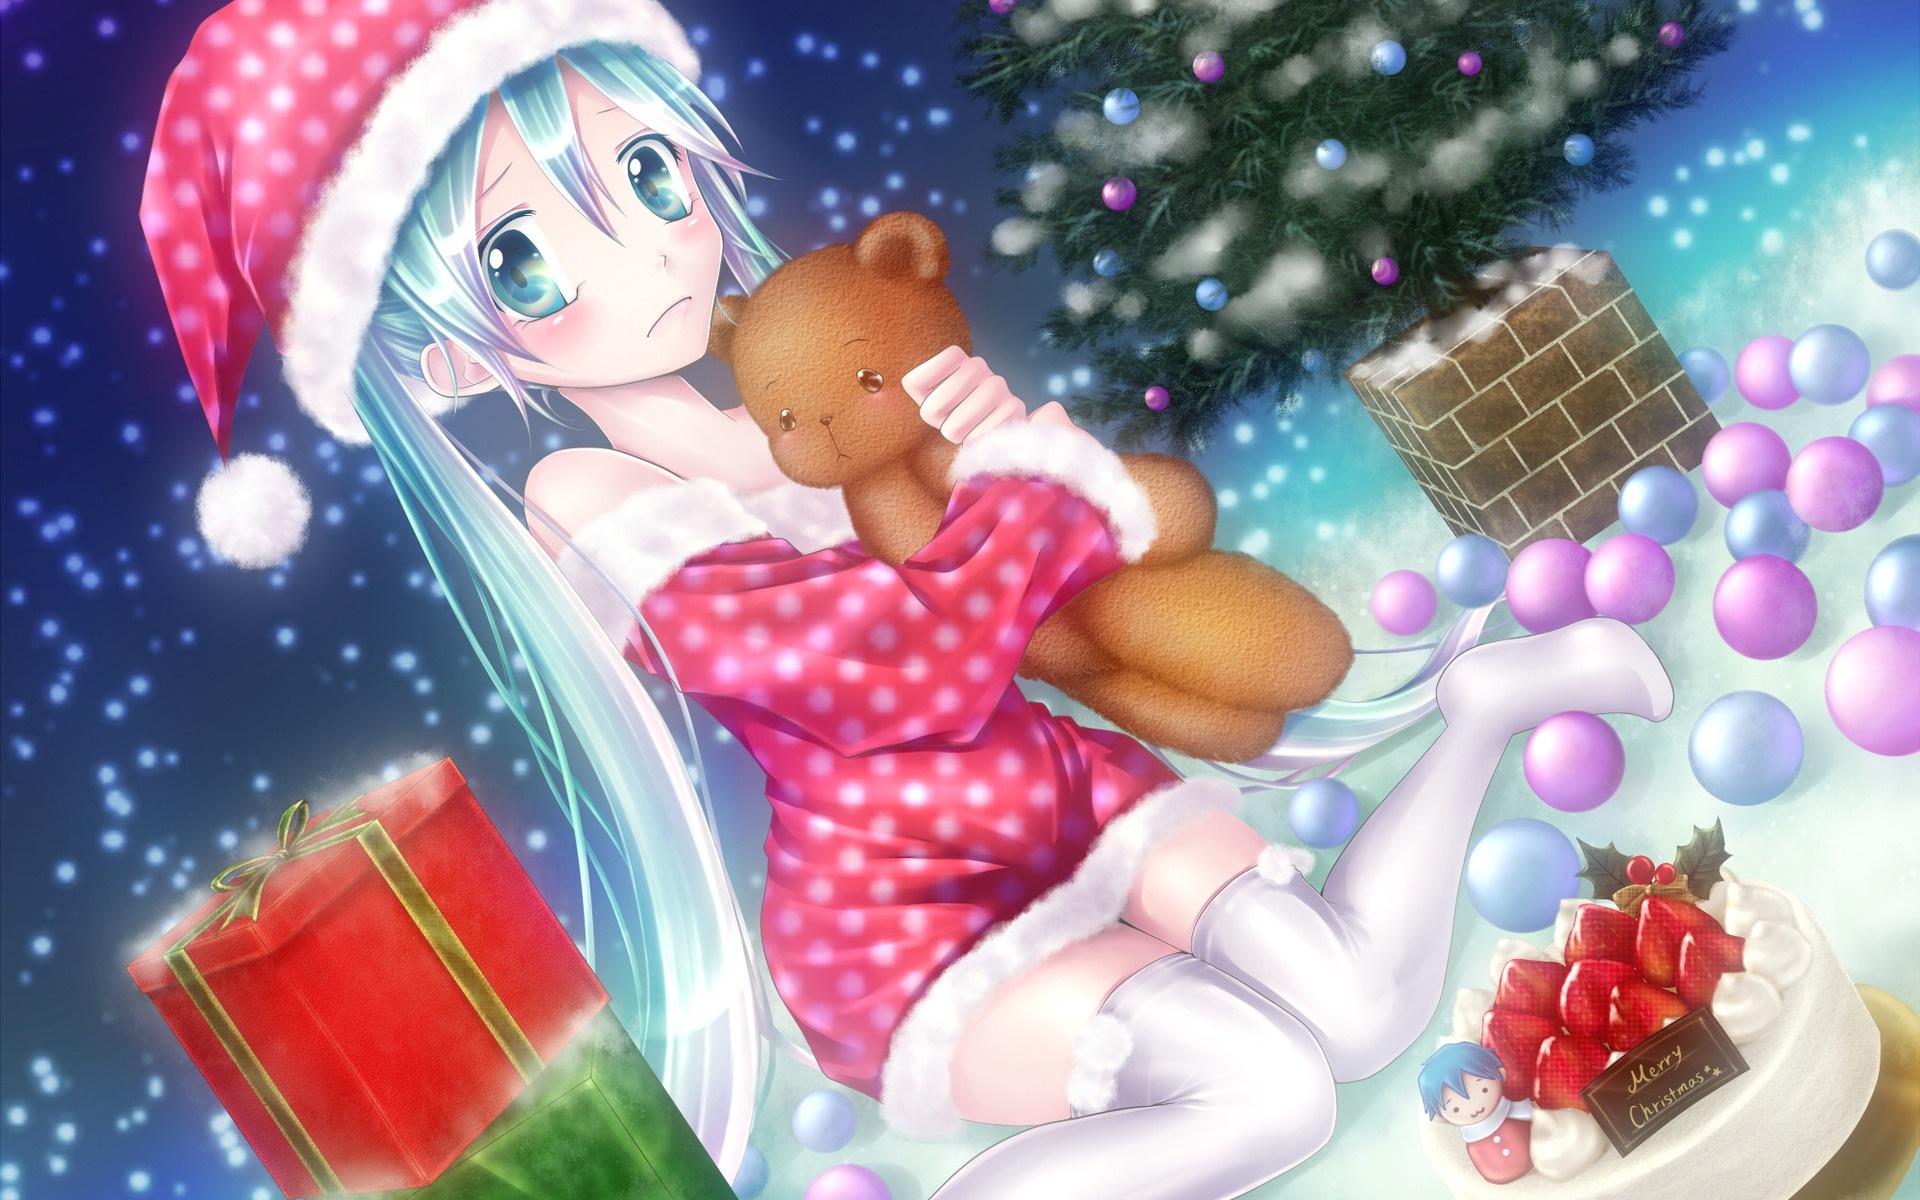 圣诞快乐 - 最美插画